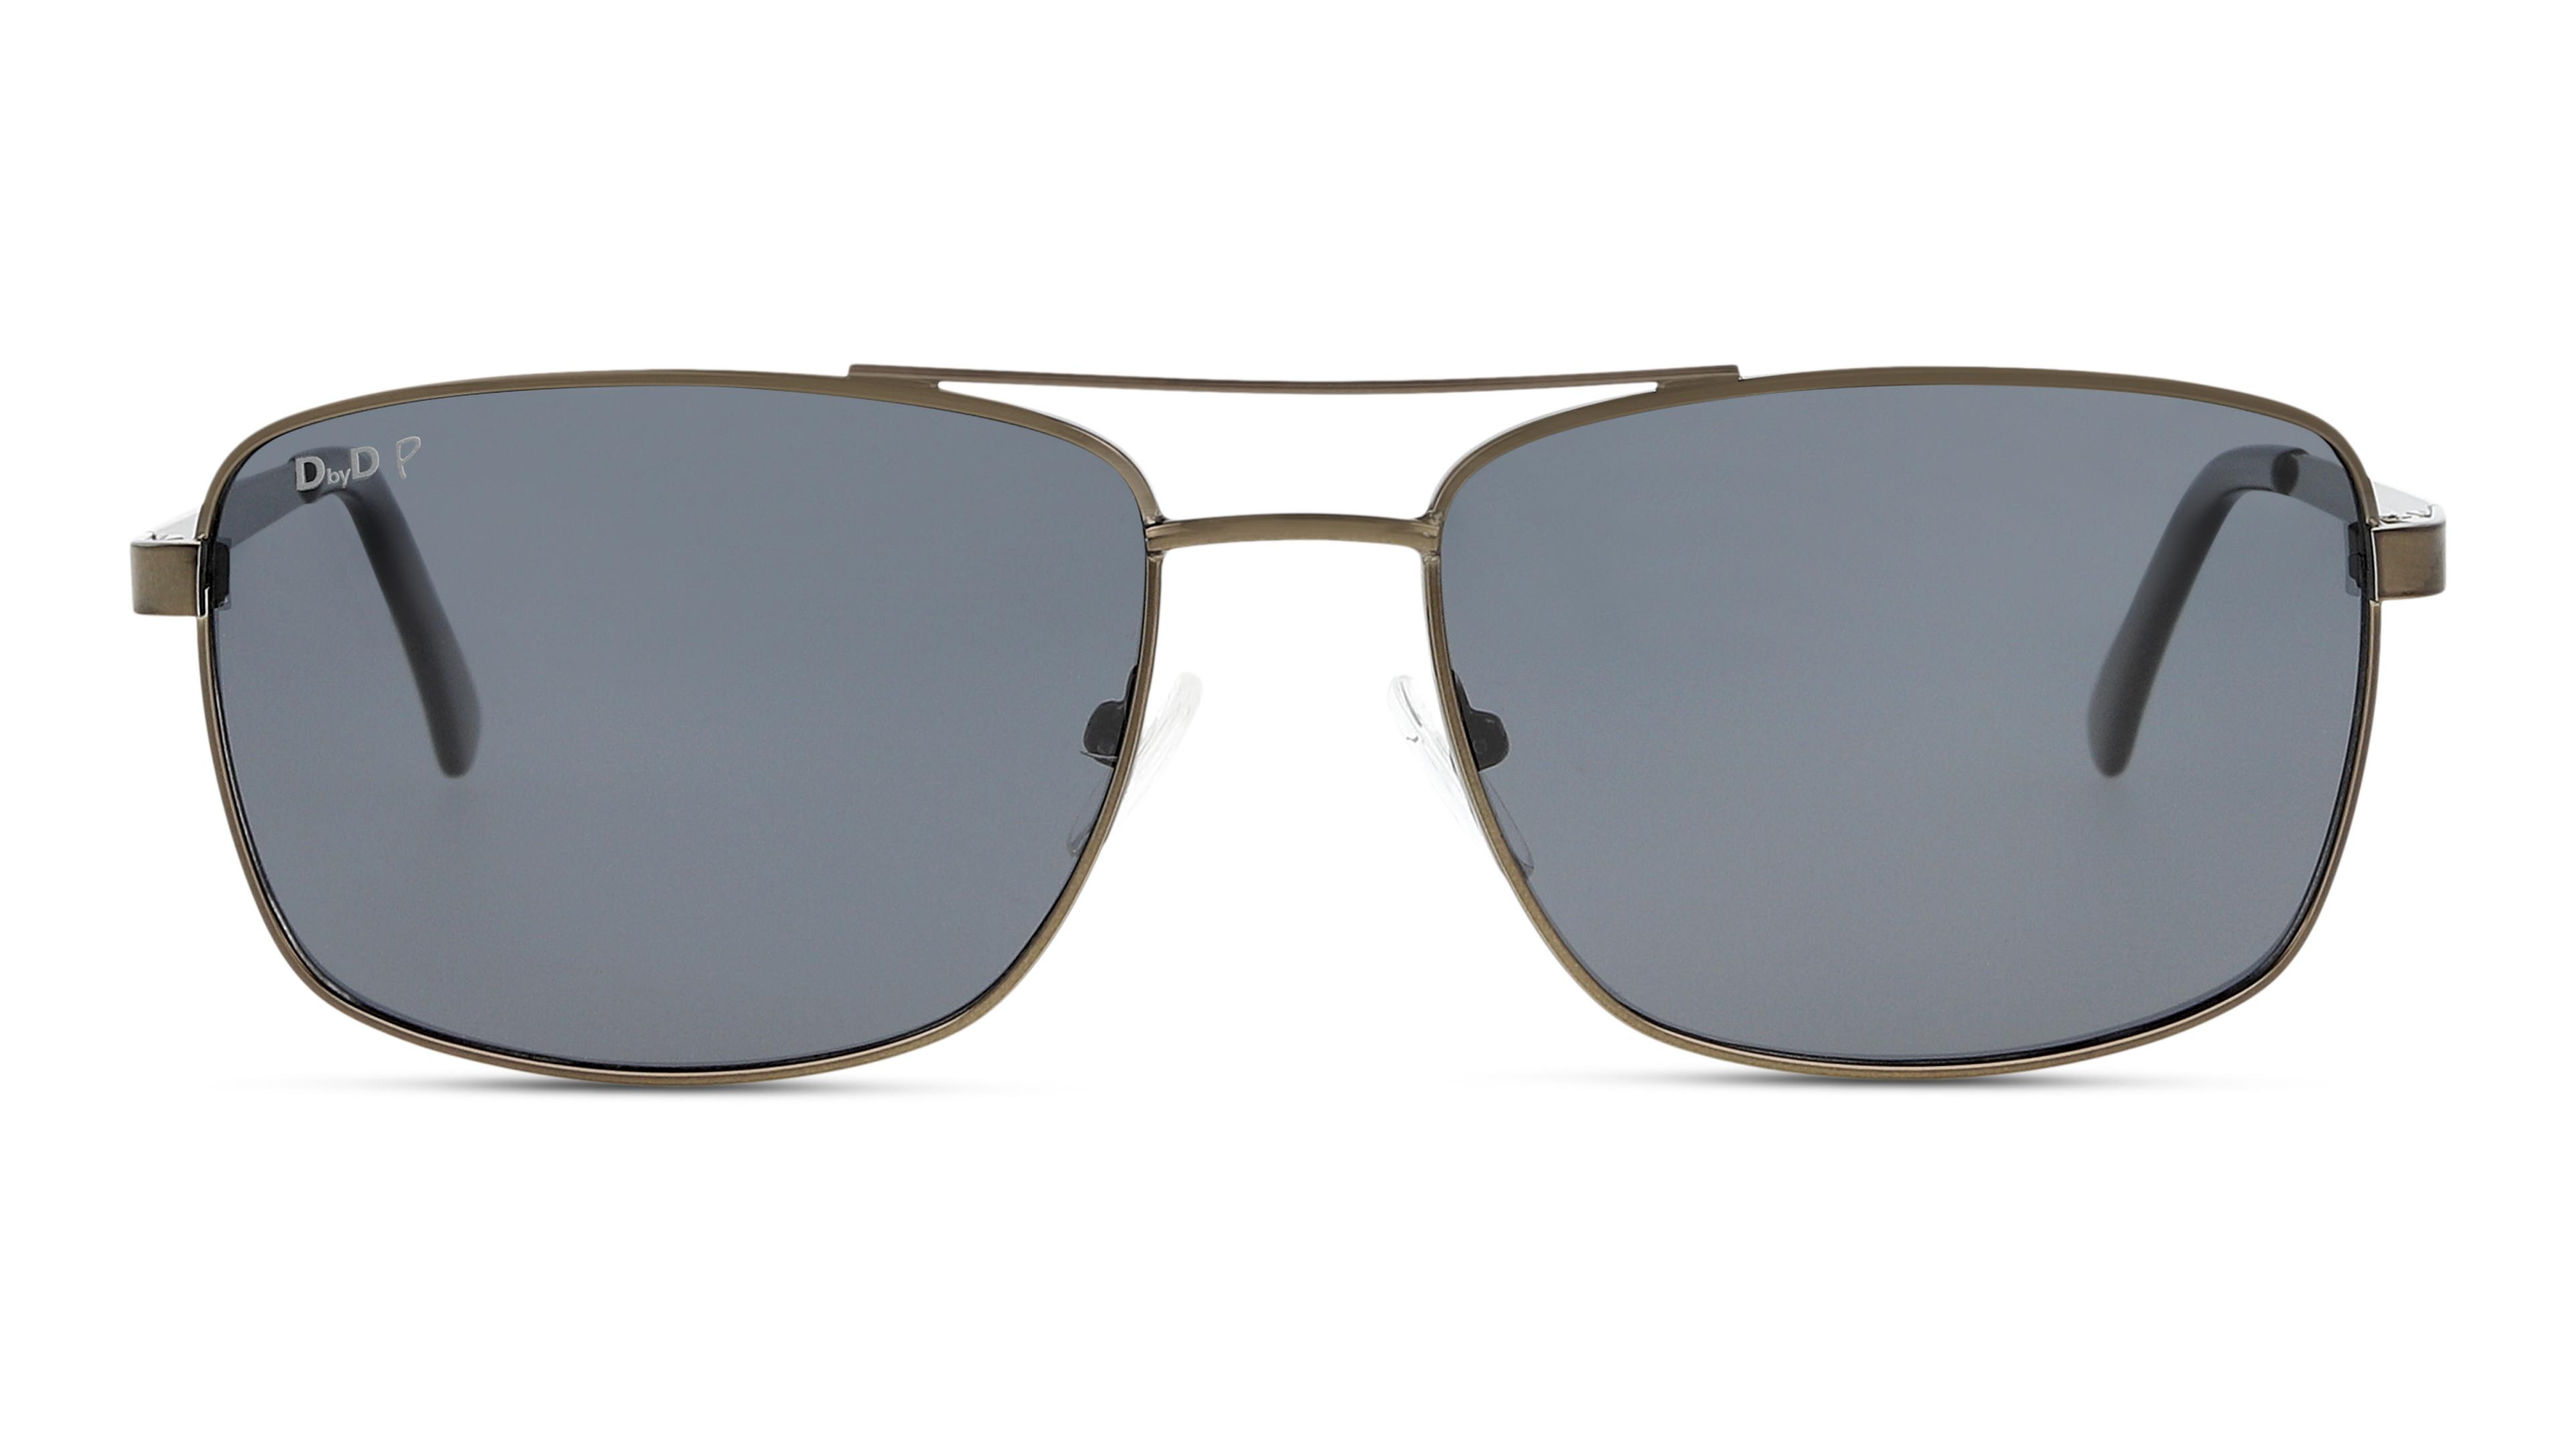 8719154733444-front-01-dbyd-dbsm9002p-eyewear-grey-grey